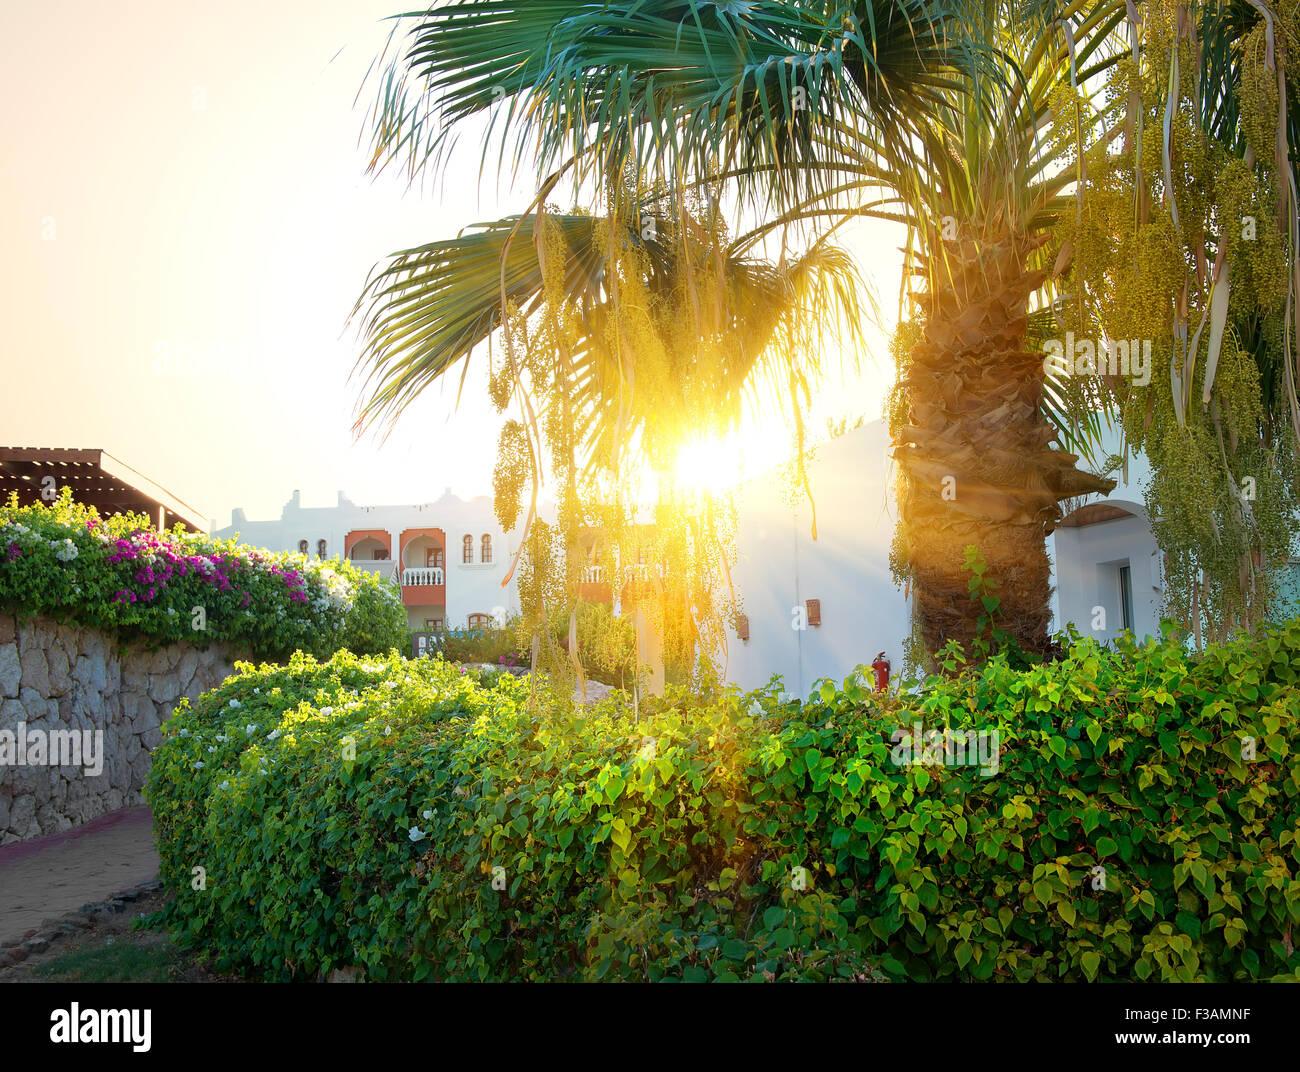 Brillante amanecer sobre resort hotel en Egipto Imagen De Stock